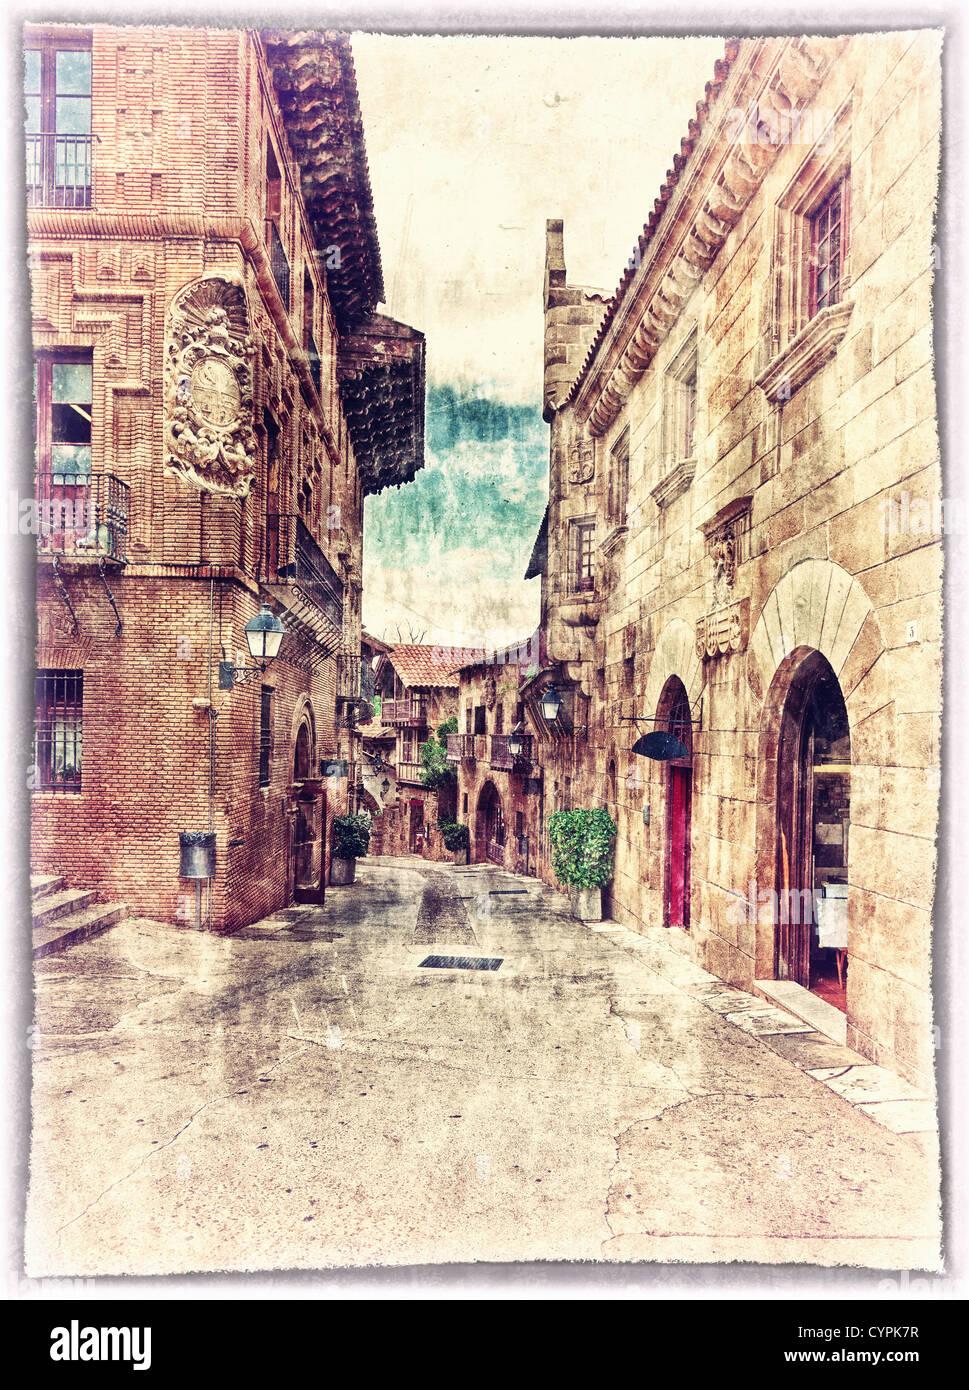 Estilo vintage postal de complejo arquitectónico tradicional en Barcelona, España Imagen De Stock